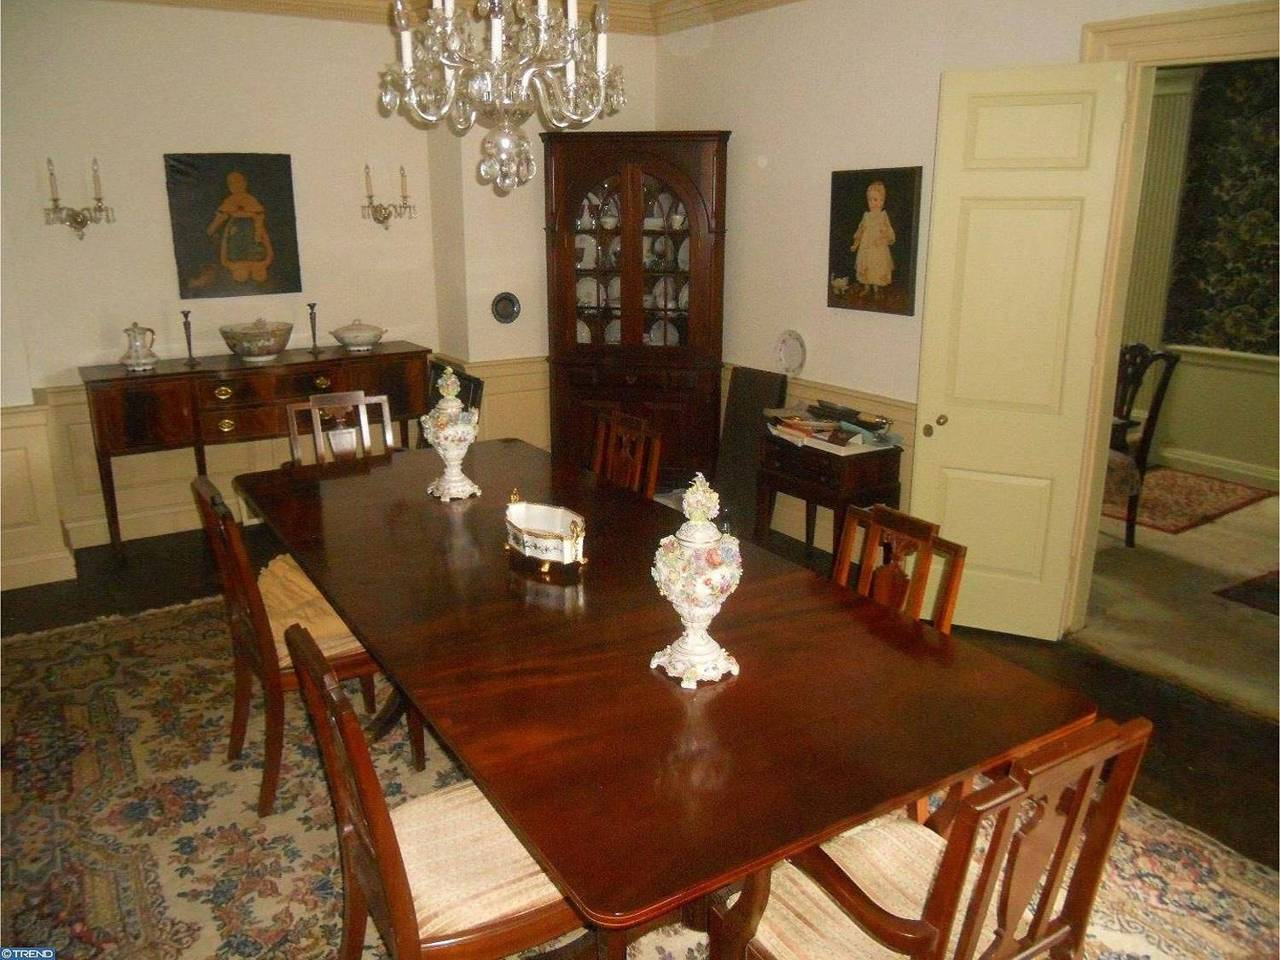 Alberto Ricompra La Casa Di Grace Kelly A Philadelphia Corriere.it #653517 1280 960 Come Addobbare Una Sala Da Pranzo Per Natale